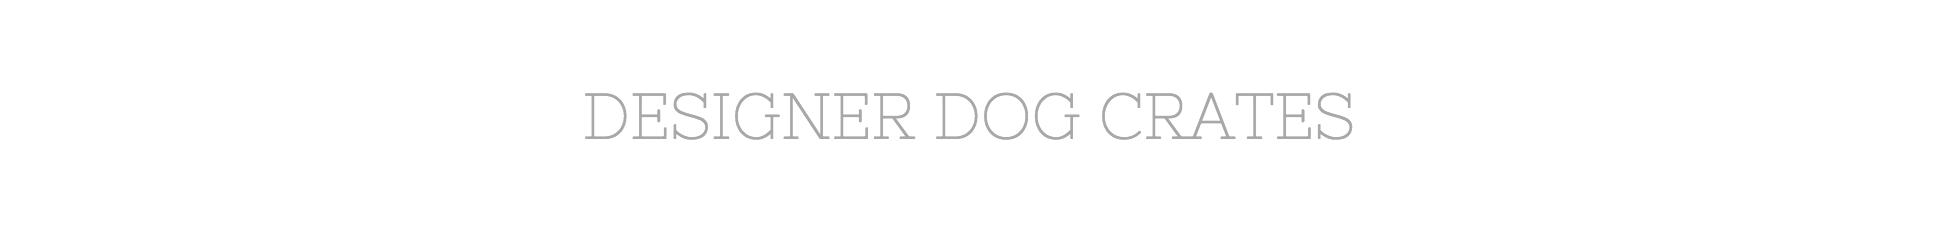 Designer Dog Crate | Dog Crates